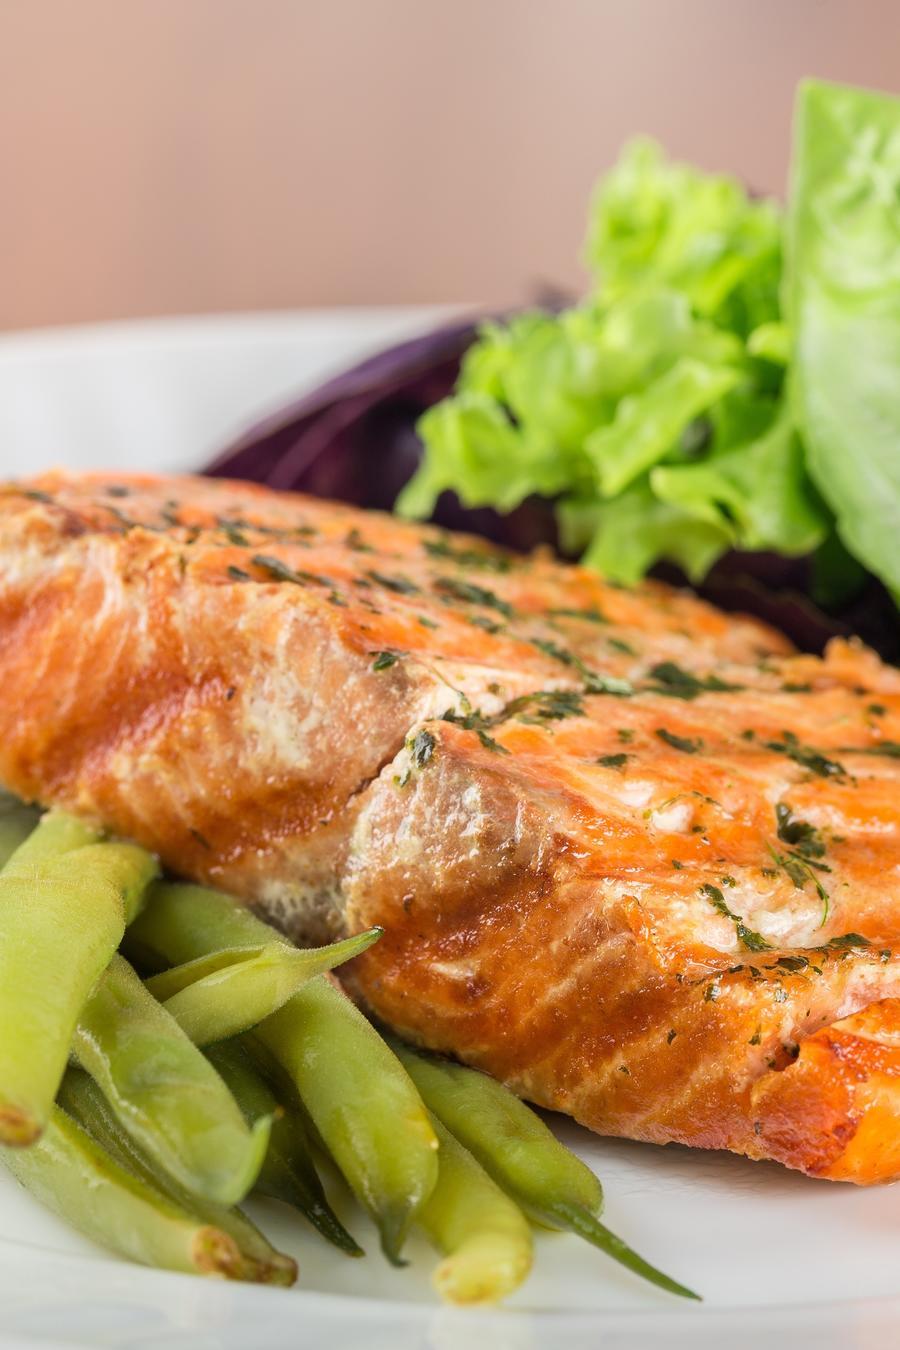 Suplementos de pescado: mitos y verdades